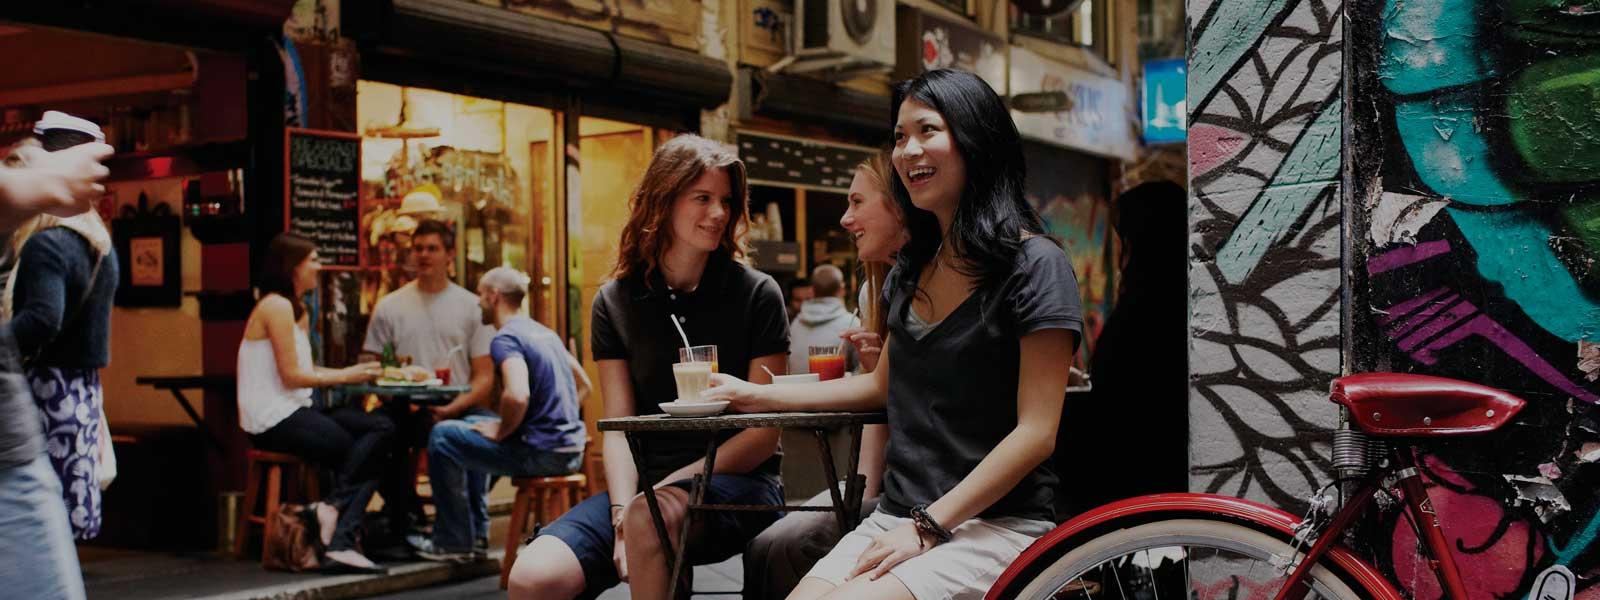 Australia's cafe culture